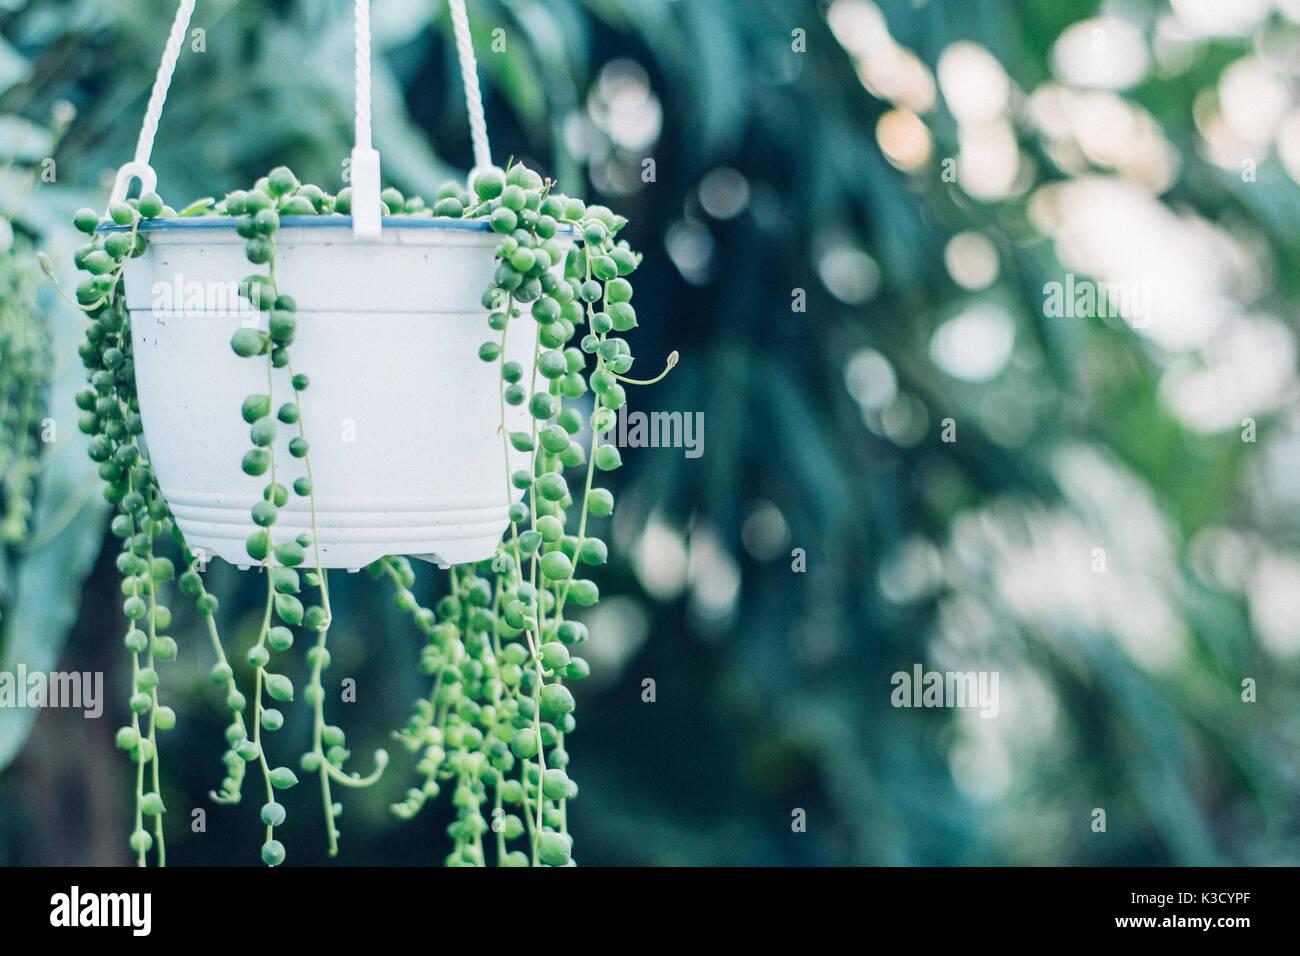 Collar de perlas de plantas suculentas colgando en un invernadero, simbolizando la calma y la serenidad Imagen De Stock